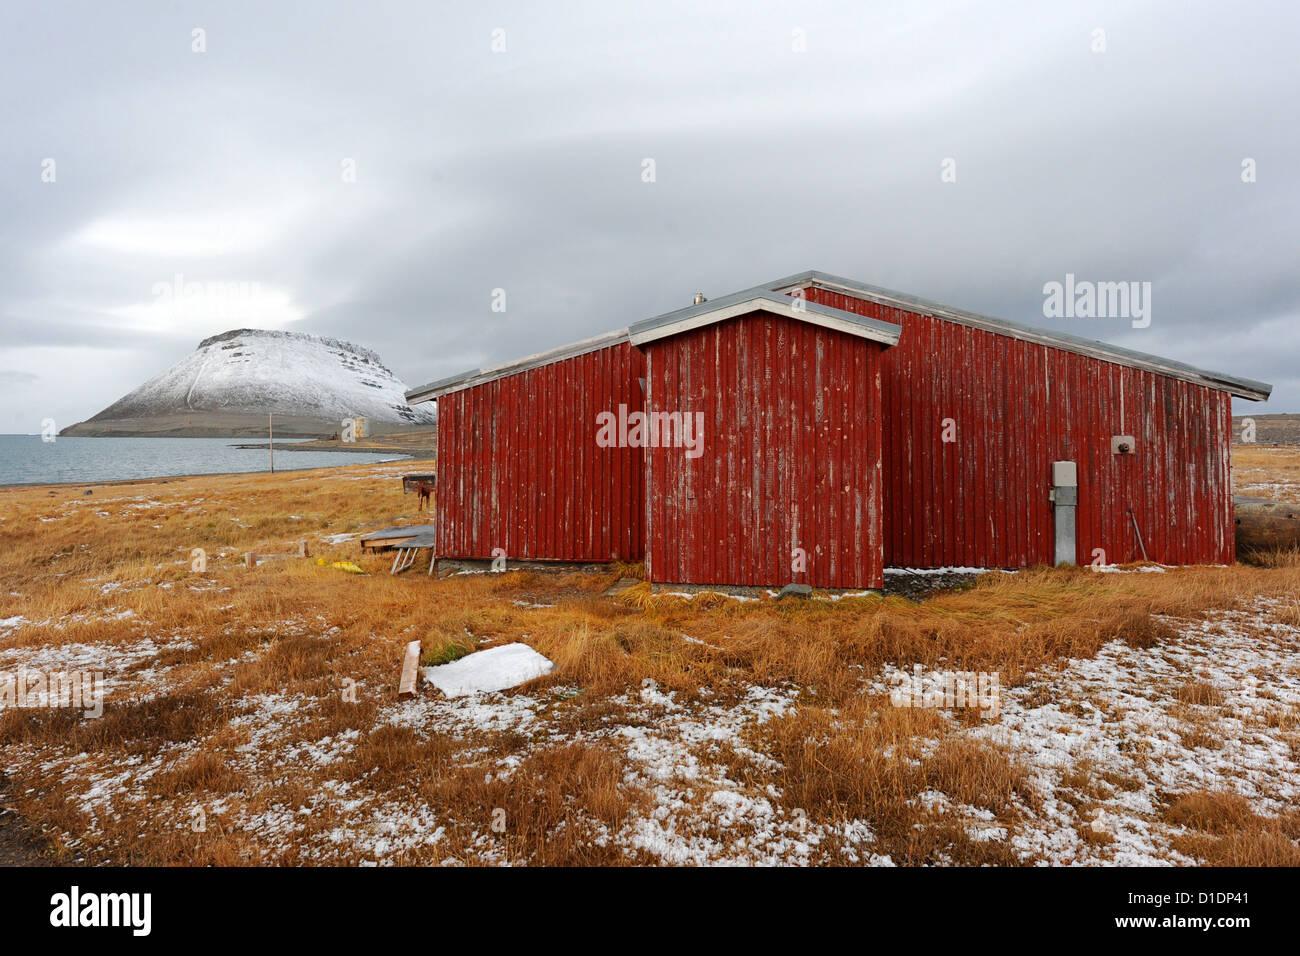 Ein remote Jagd-Camp in der Nähe von Mount Dundas 14. September 2012 in Dundas, Grönland. Stockbild